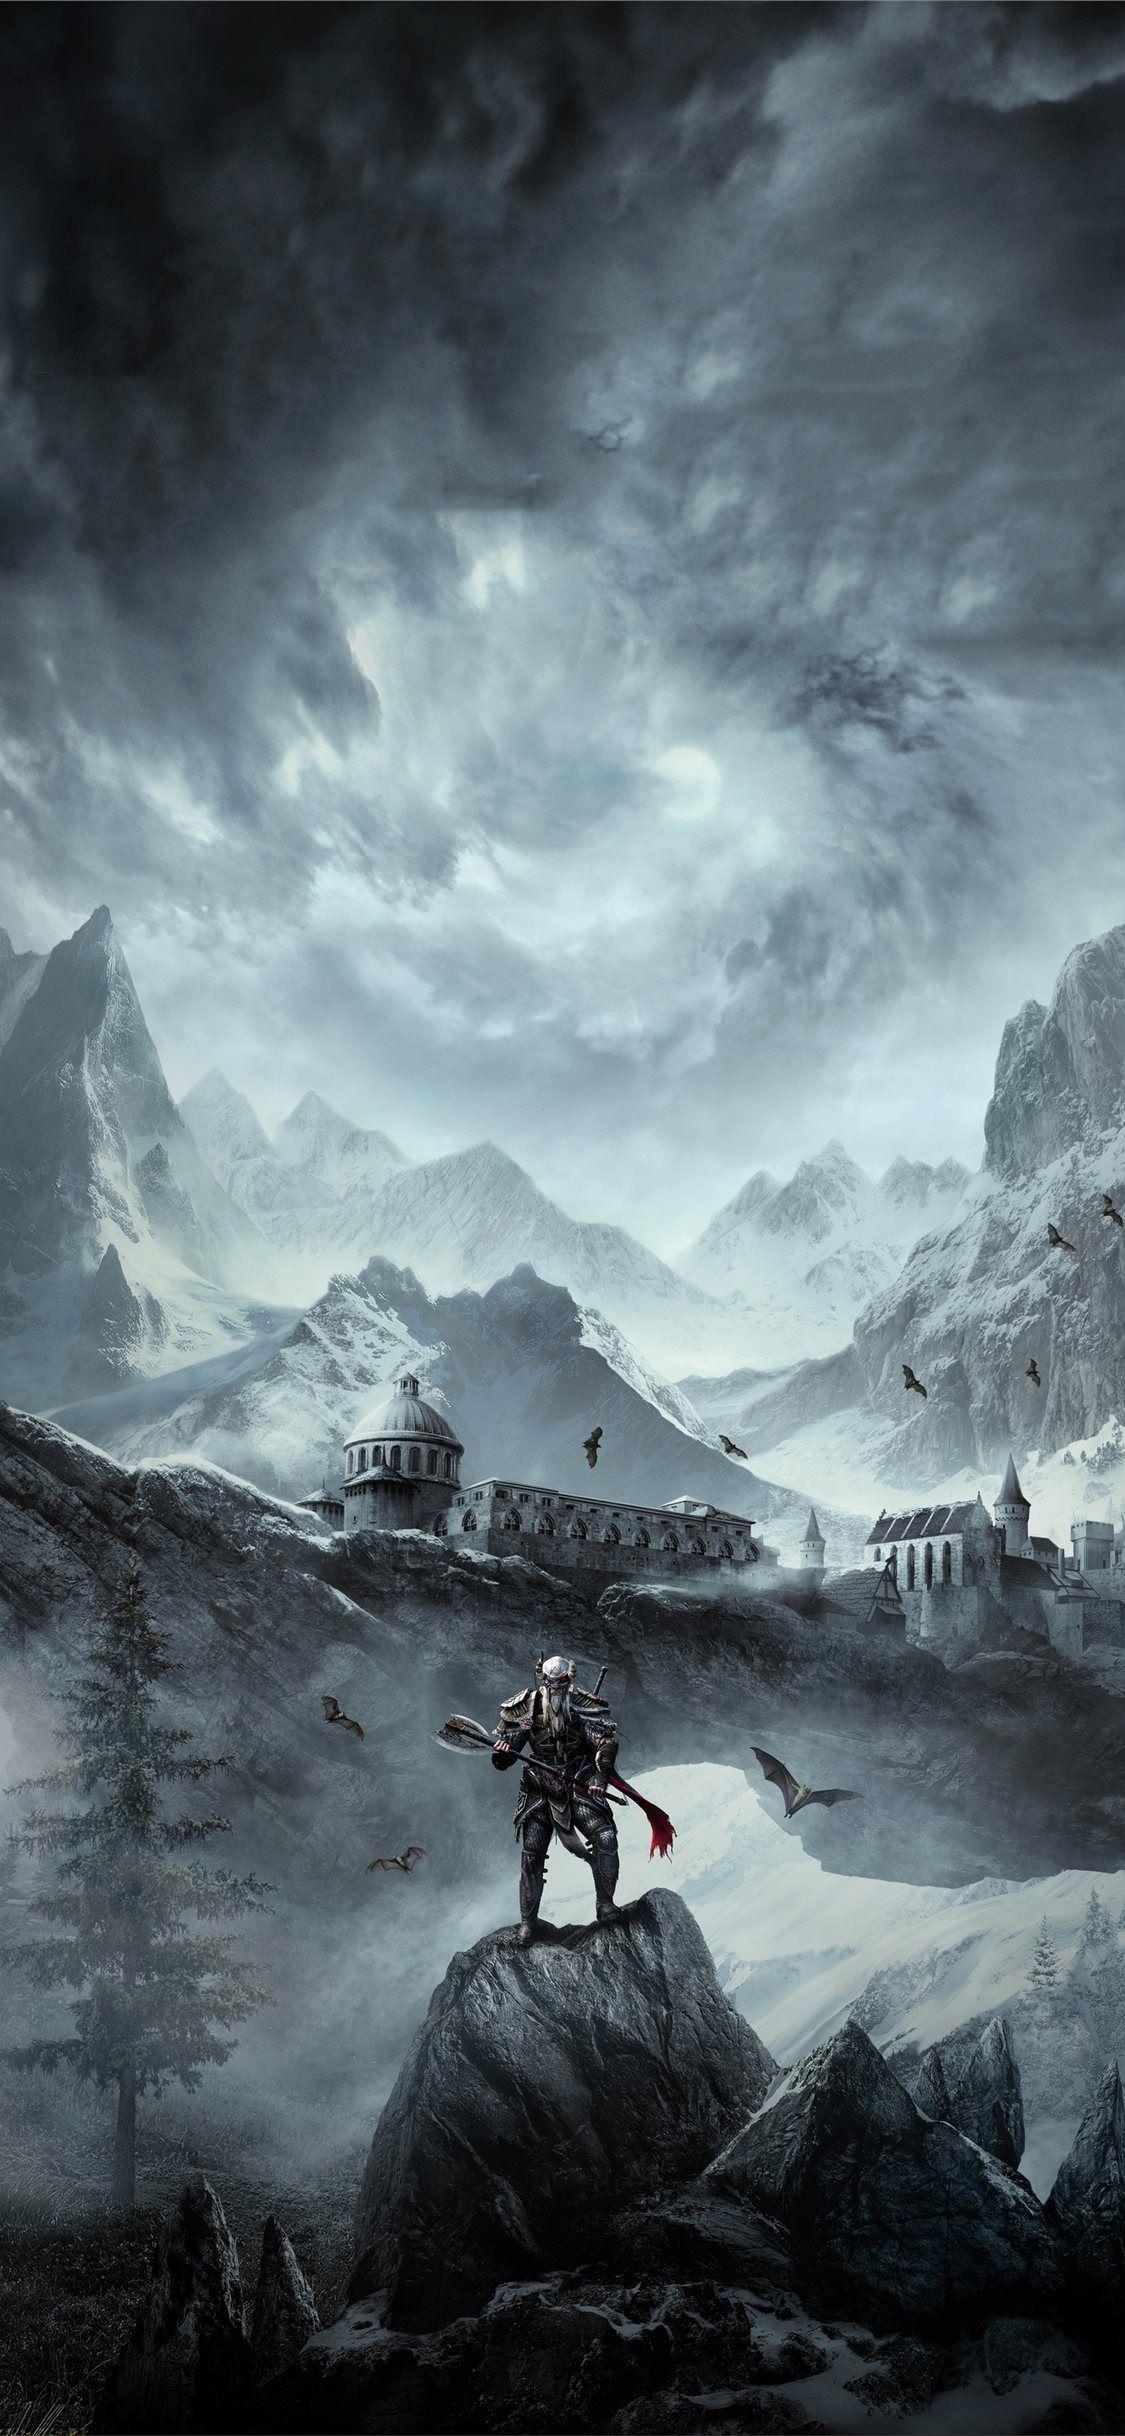 The Elder Scrolls Online Greymoor 5k Theelderscrolls 2020games Games 4k 5k Iphonexwallpaper In 2020 Elder Scrolls Online Skyrim Wallpaper Iphone Elder Scrolls